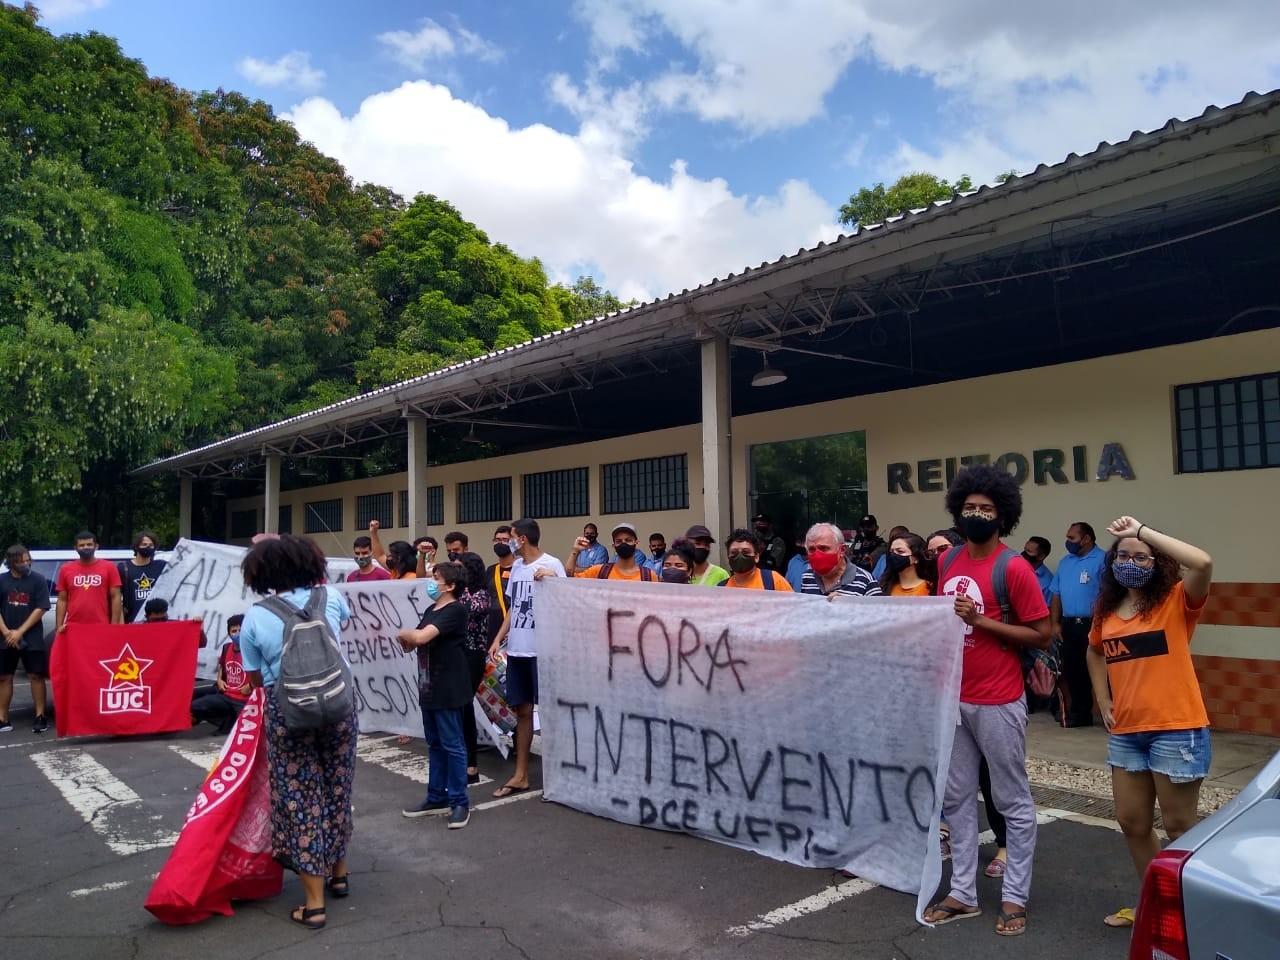 Universitários fazem protesto contra nomeação de reitor da UFPI em Teresina